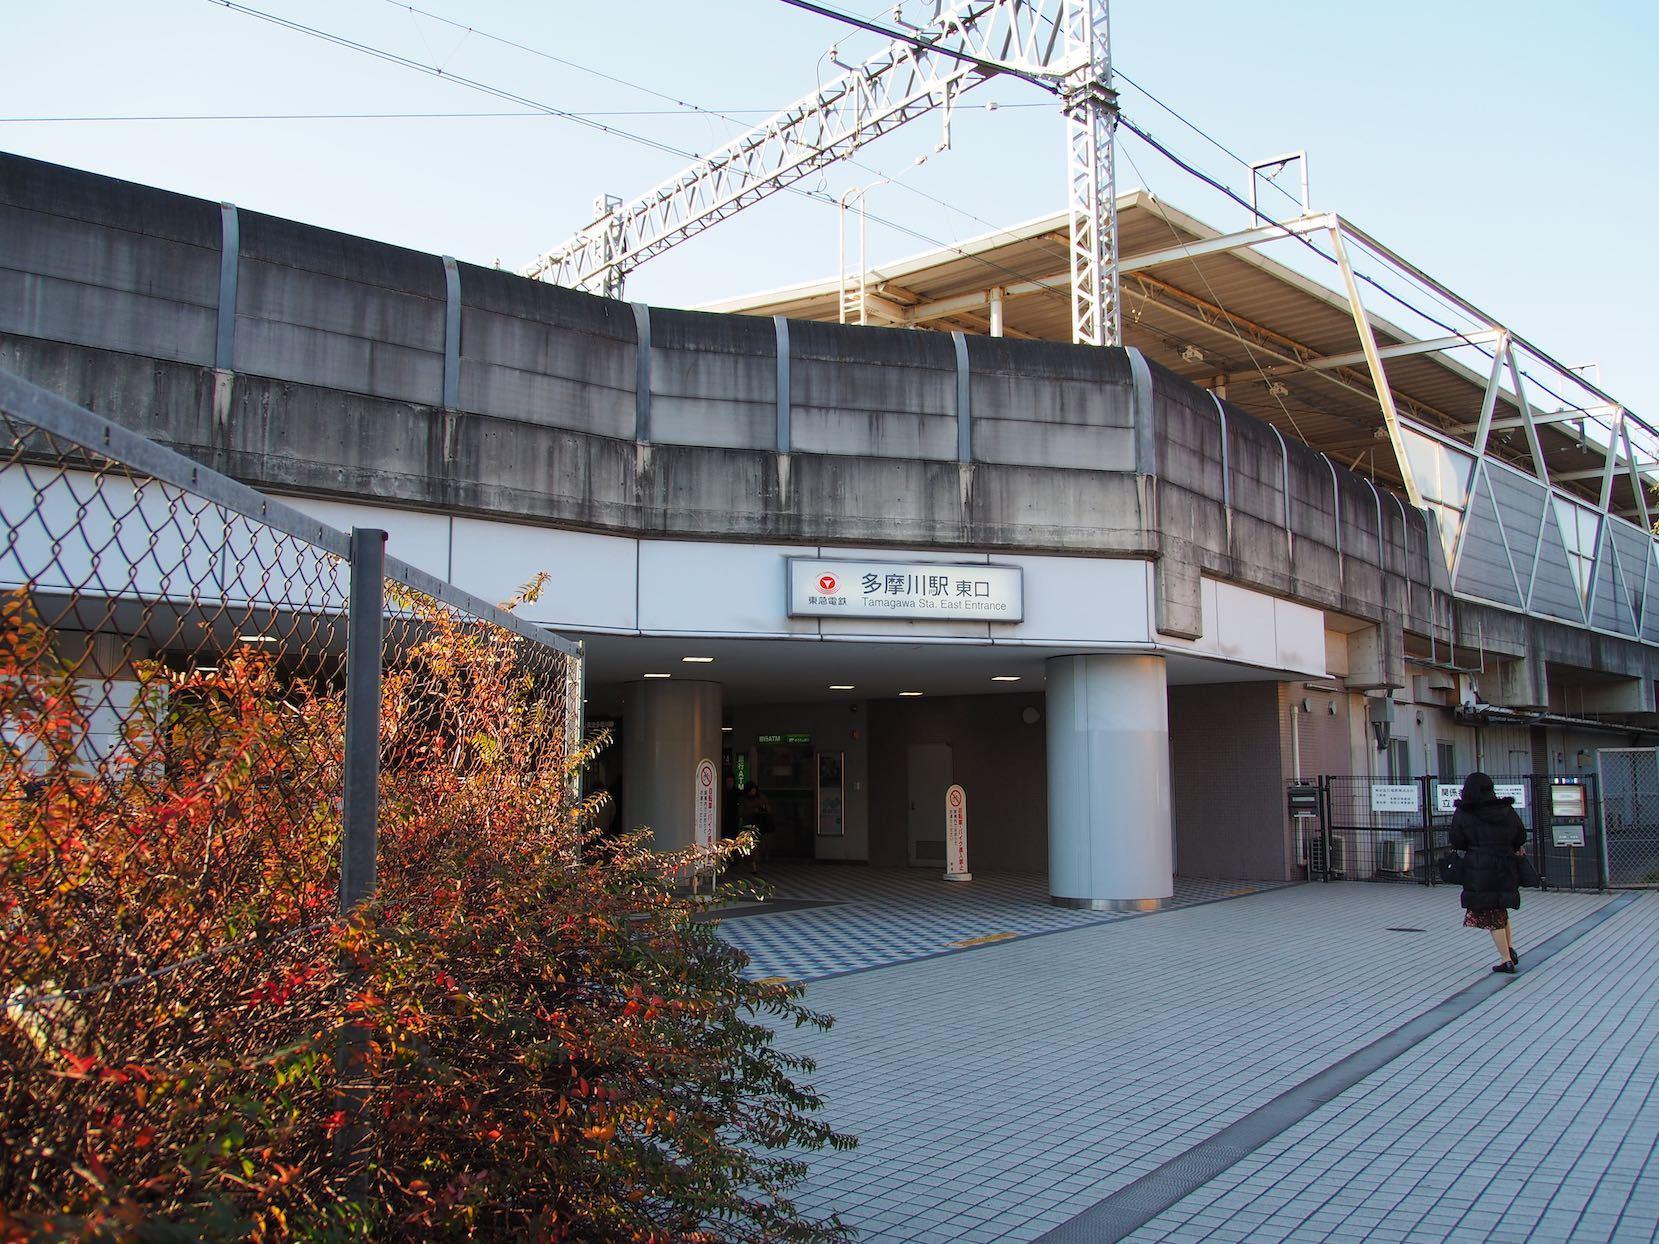 東急多摩川駅周辺1_b0360240_21363946.jpg